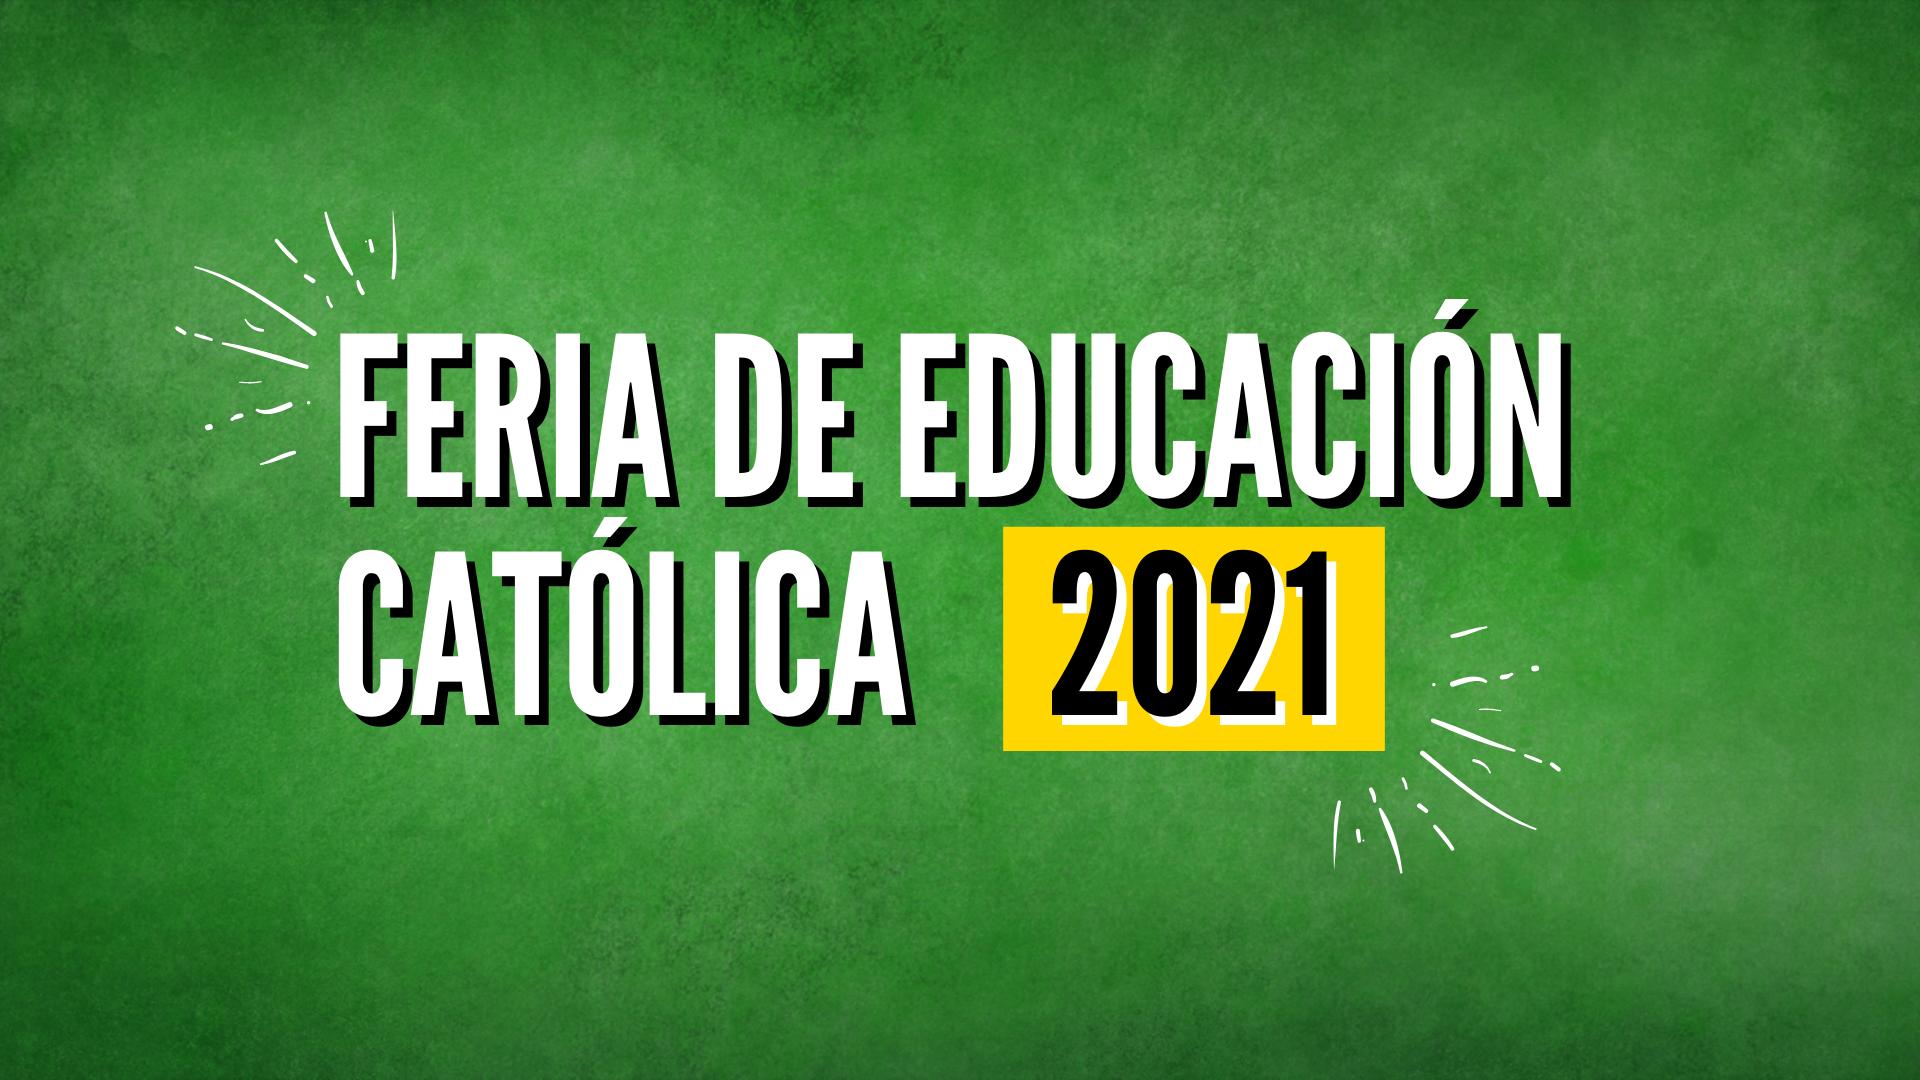 FERIA DE EDUCACIÓN CATÓLICA 2021